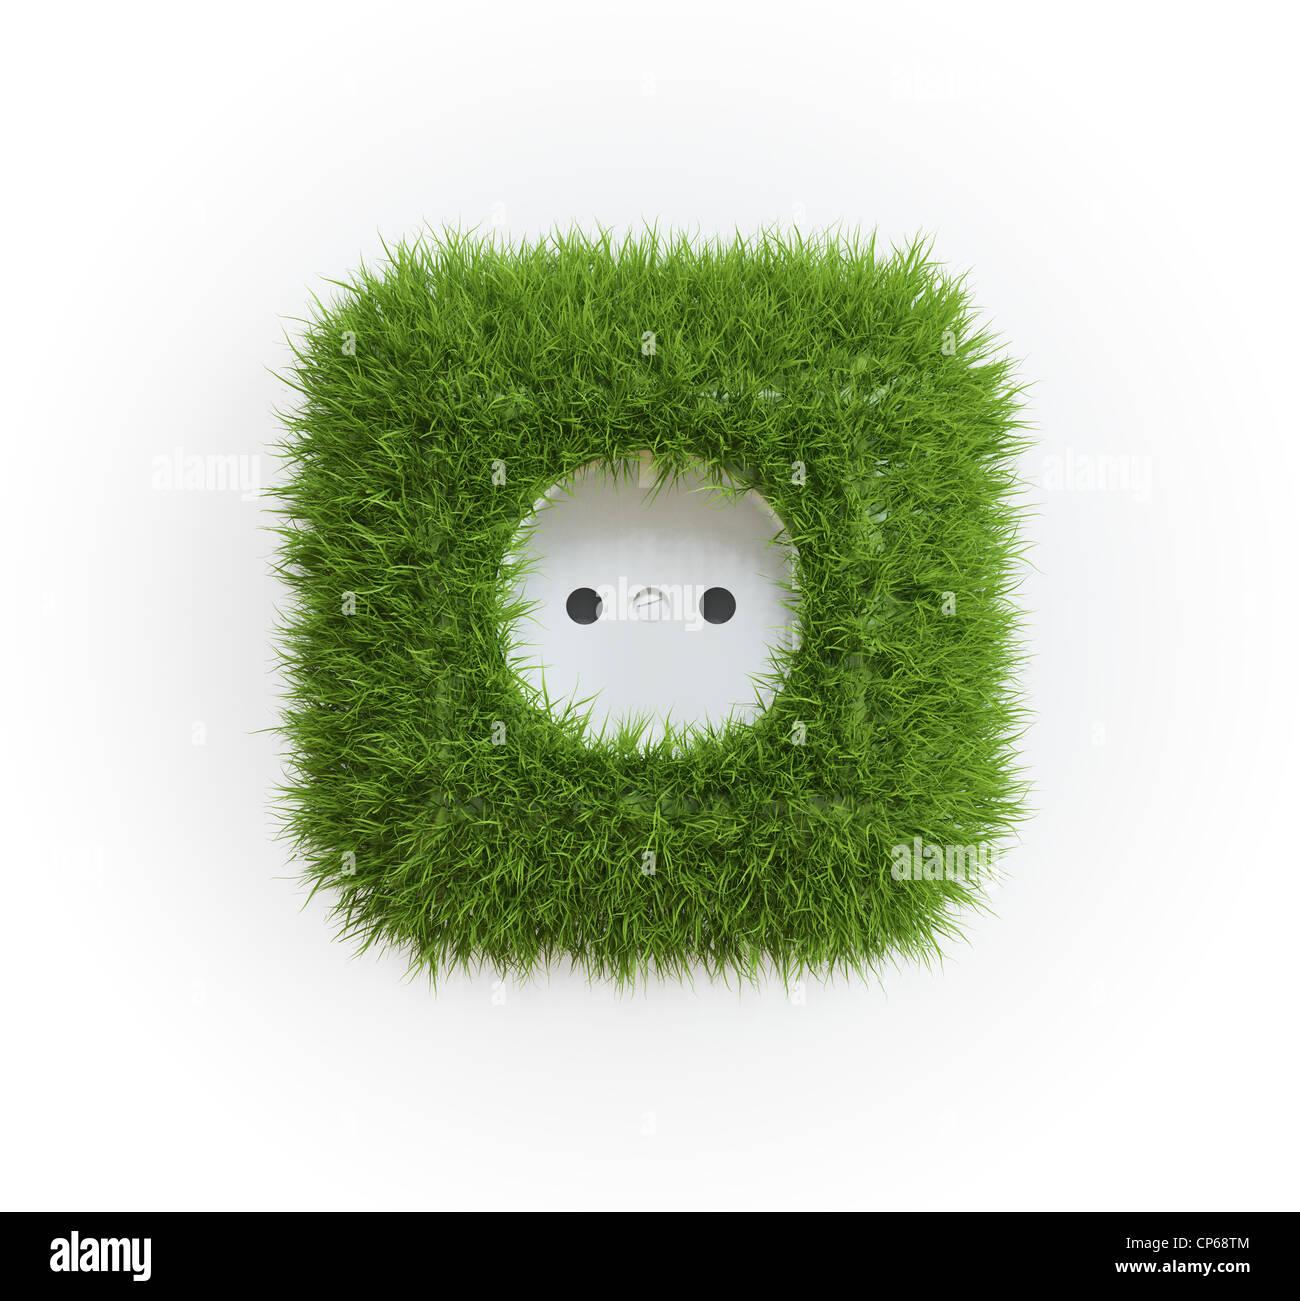 Ricoperto di erba outlet - Energie rinnovabili concetto Immagini Stock